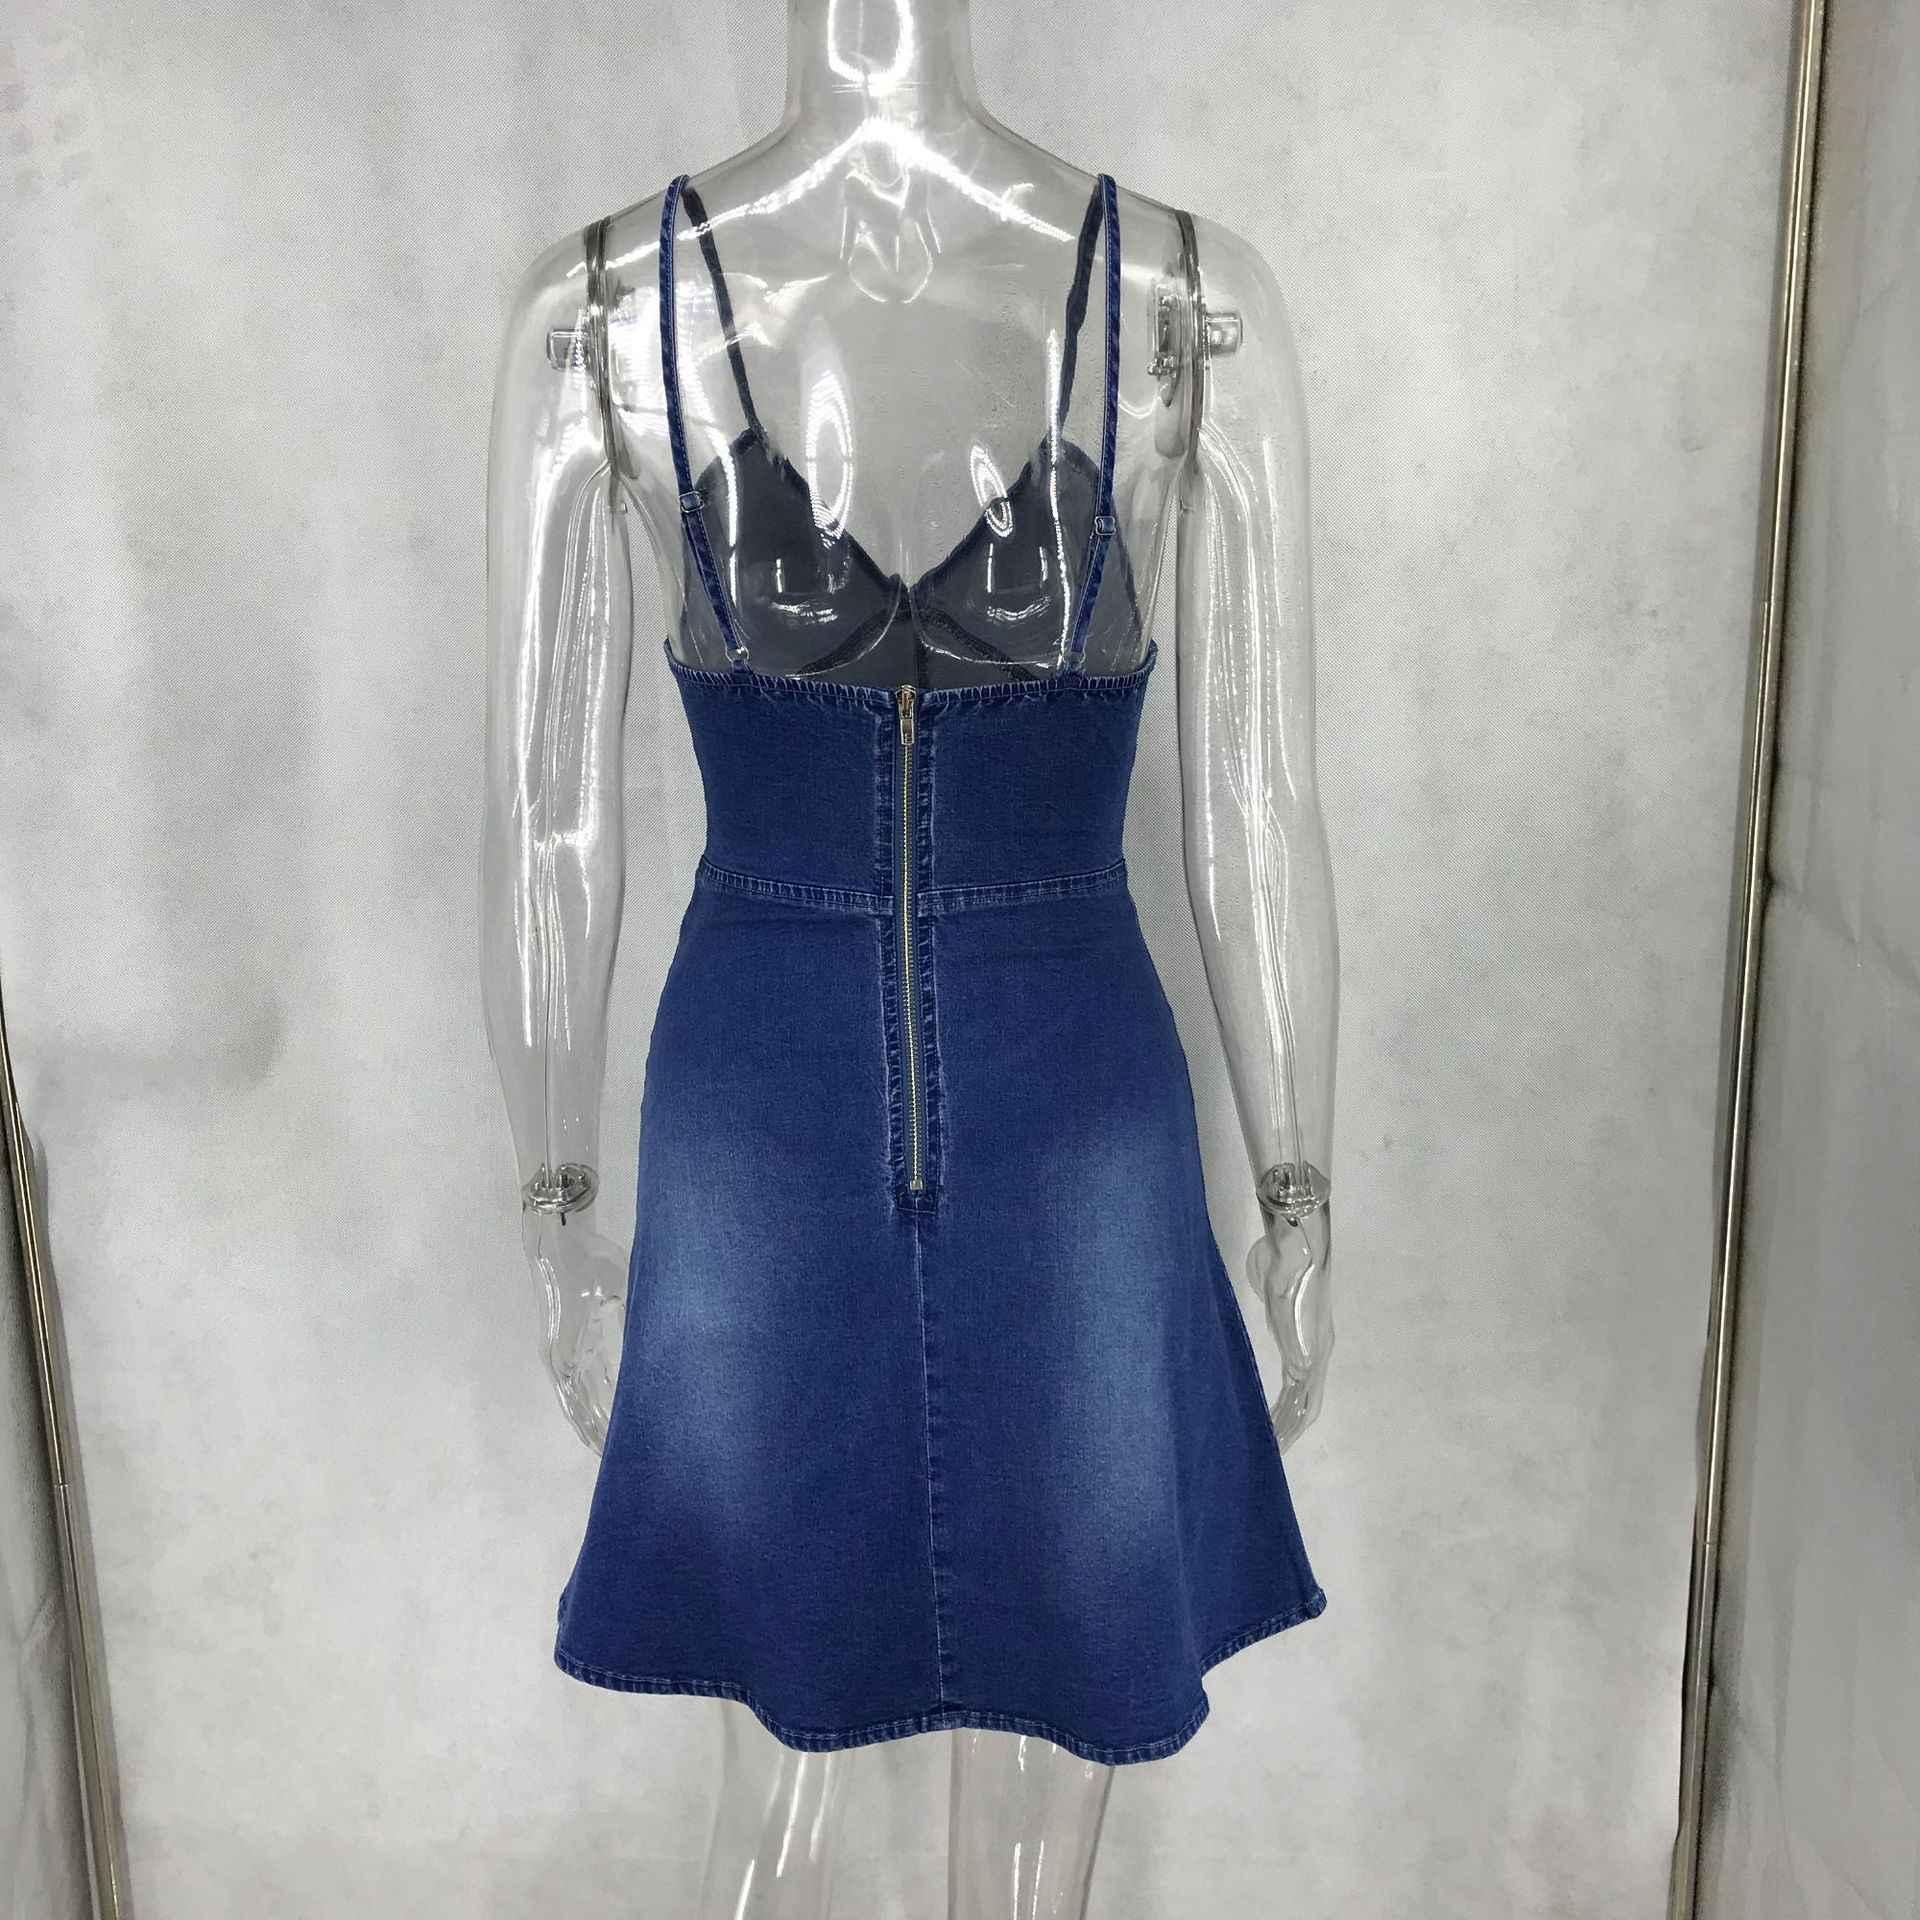 Модные женские вечерние джинсовые платья, летнее тонкое мини-платье на бретелях с v-образным вырезом, сексуальное мини-платье на молнии с открытой спиной, синее женское платье Vestidos